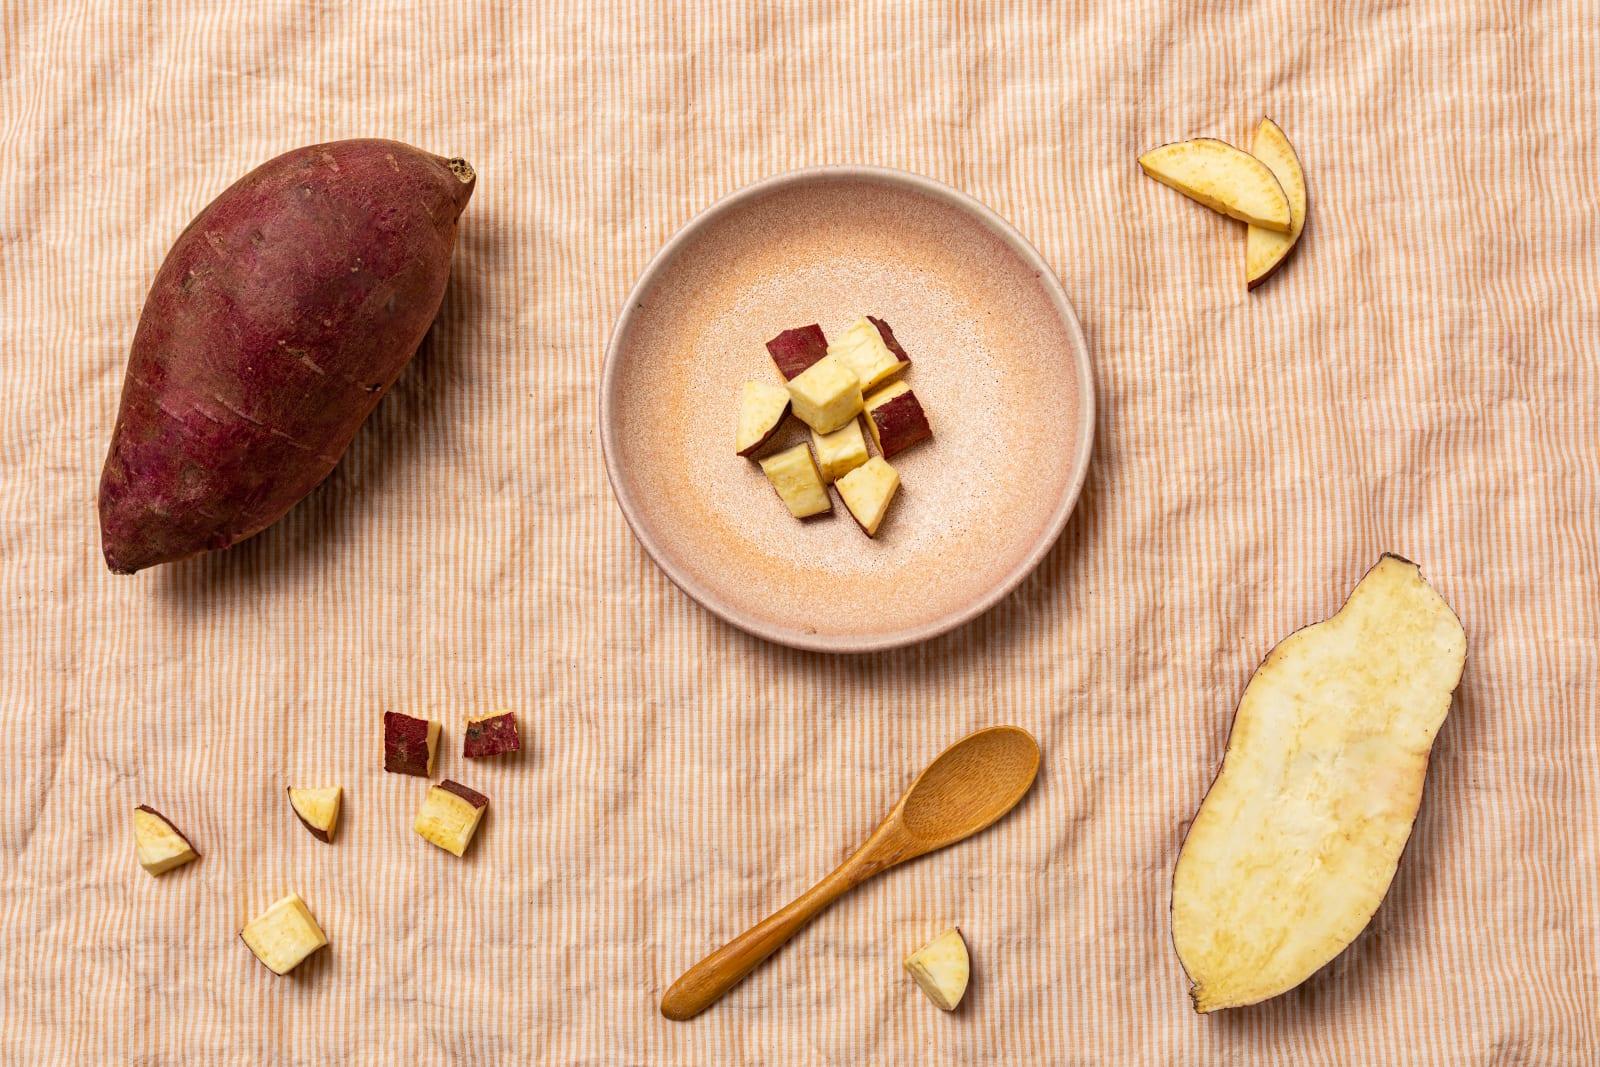 Yumi Japanese Sweet Potato ingredients image